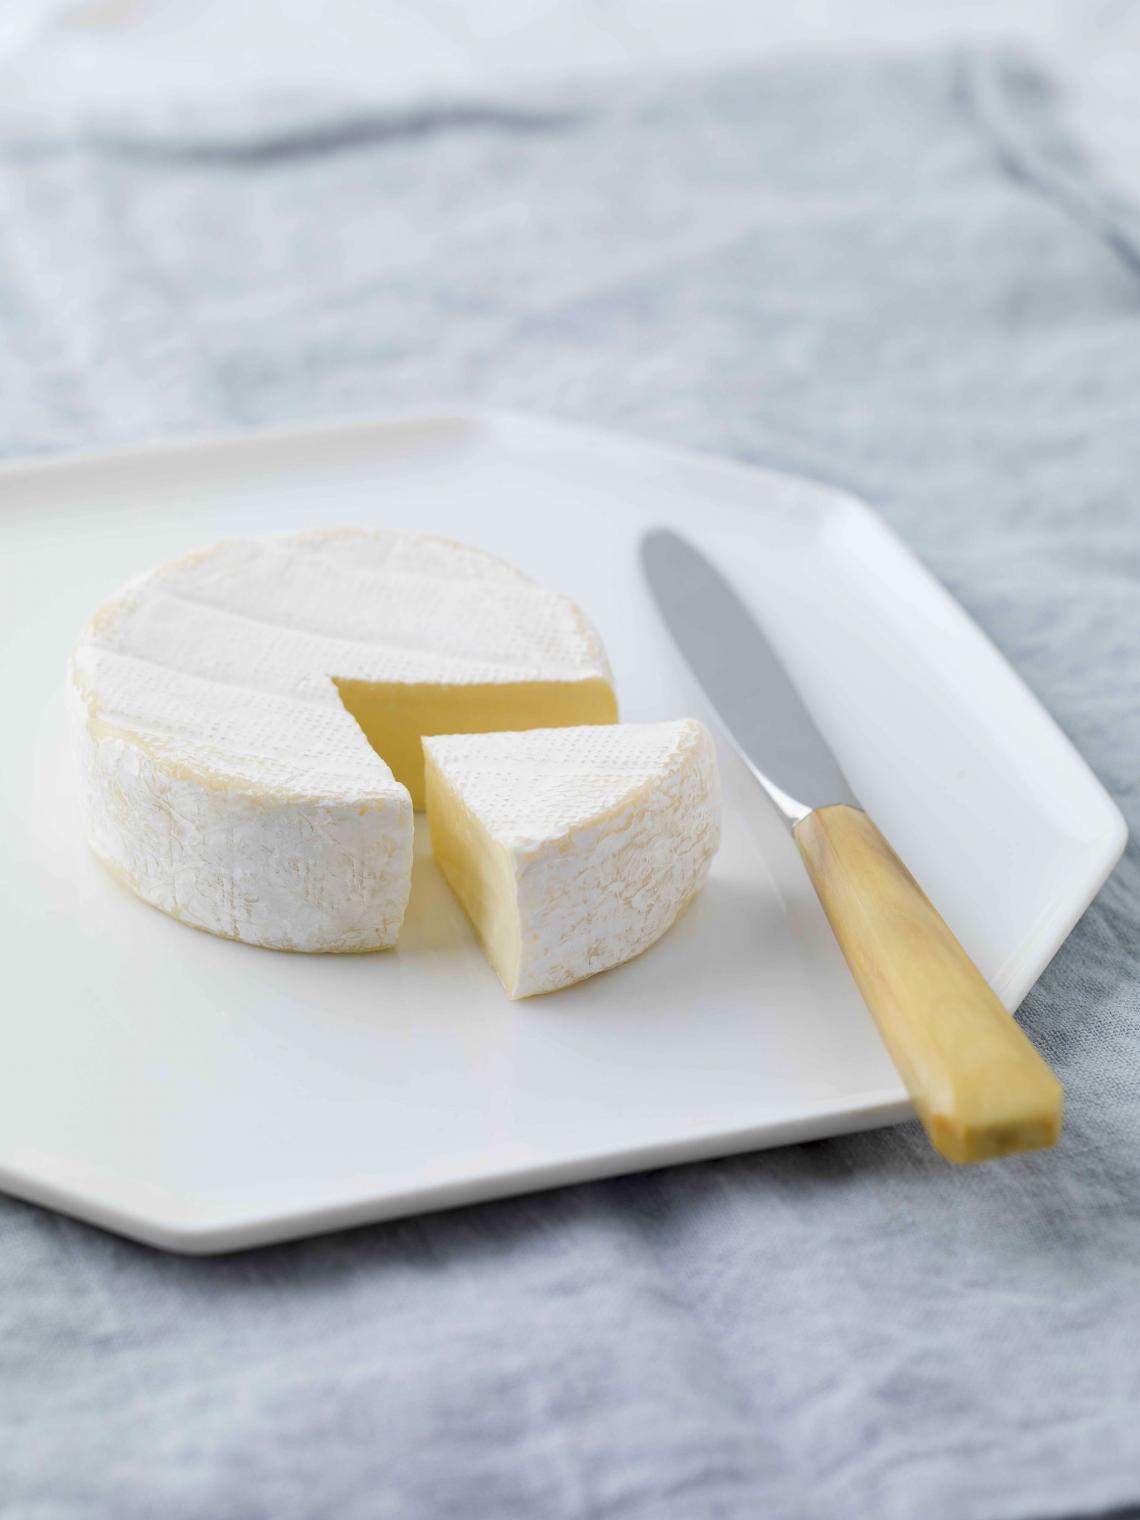 ILE DE FRANCE® petit camembert on a plate